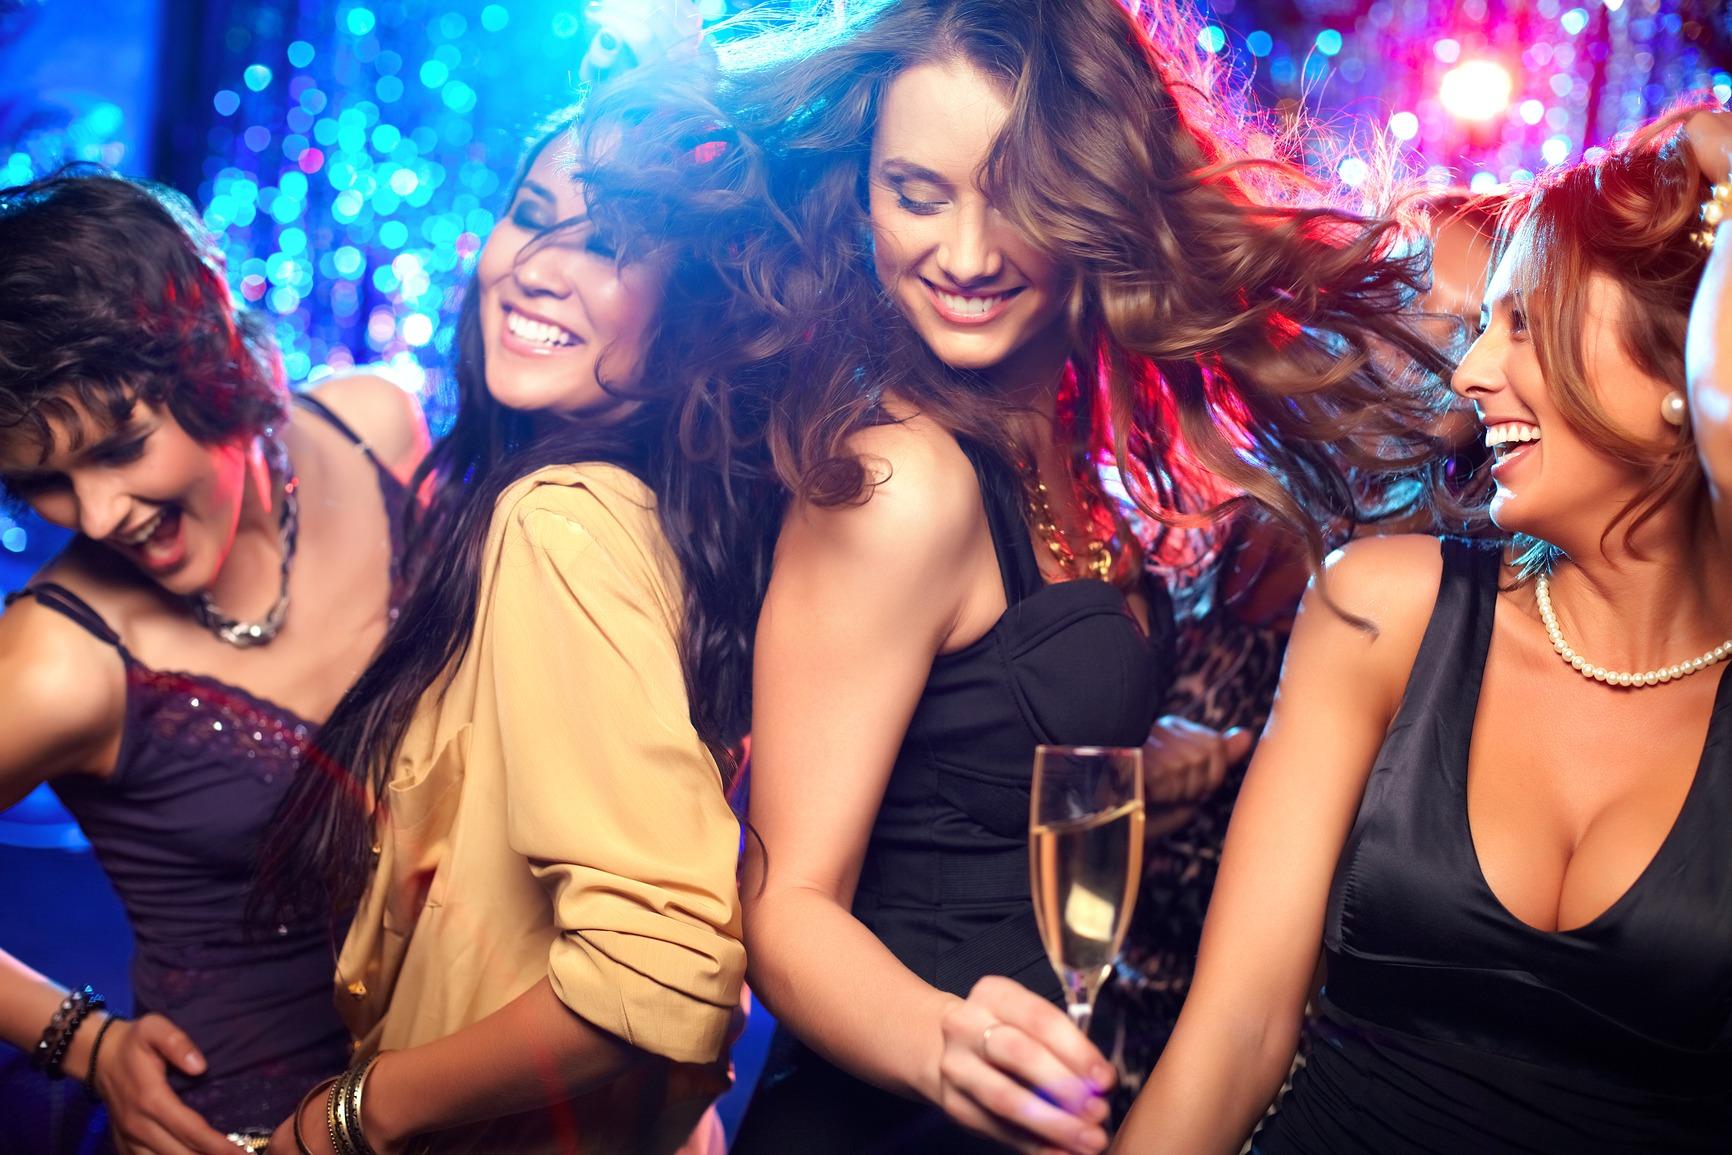 Алкоголь делает человека привлекательнее, считают ученые